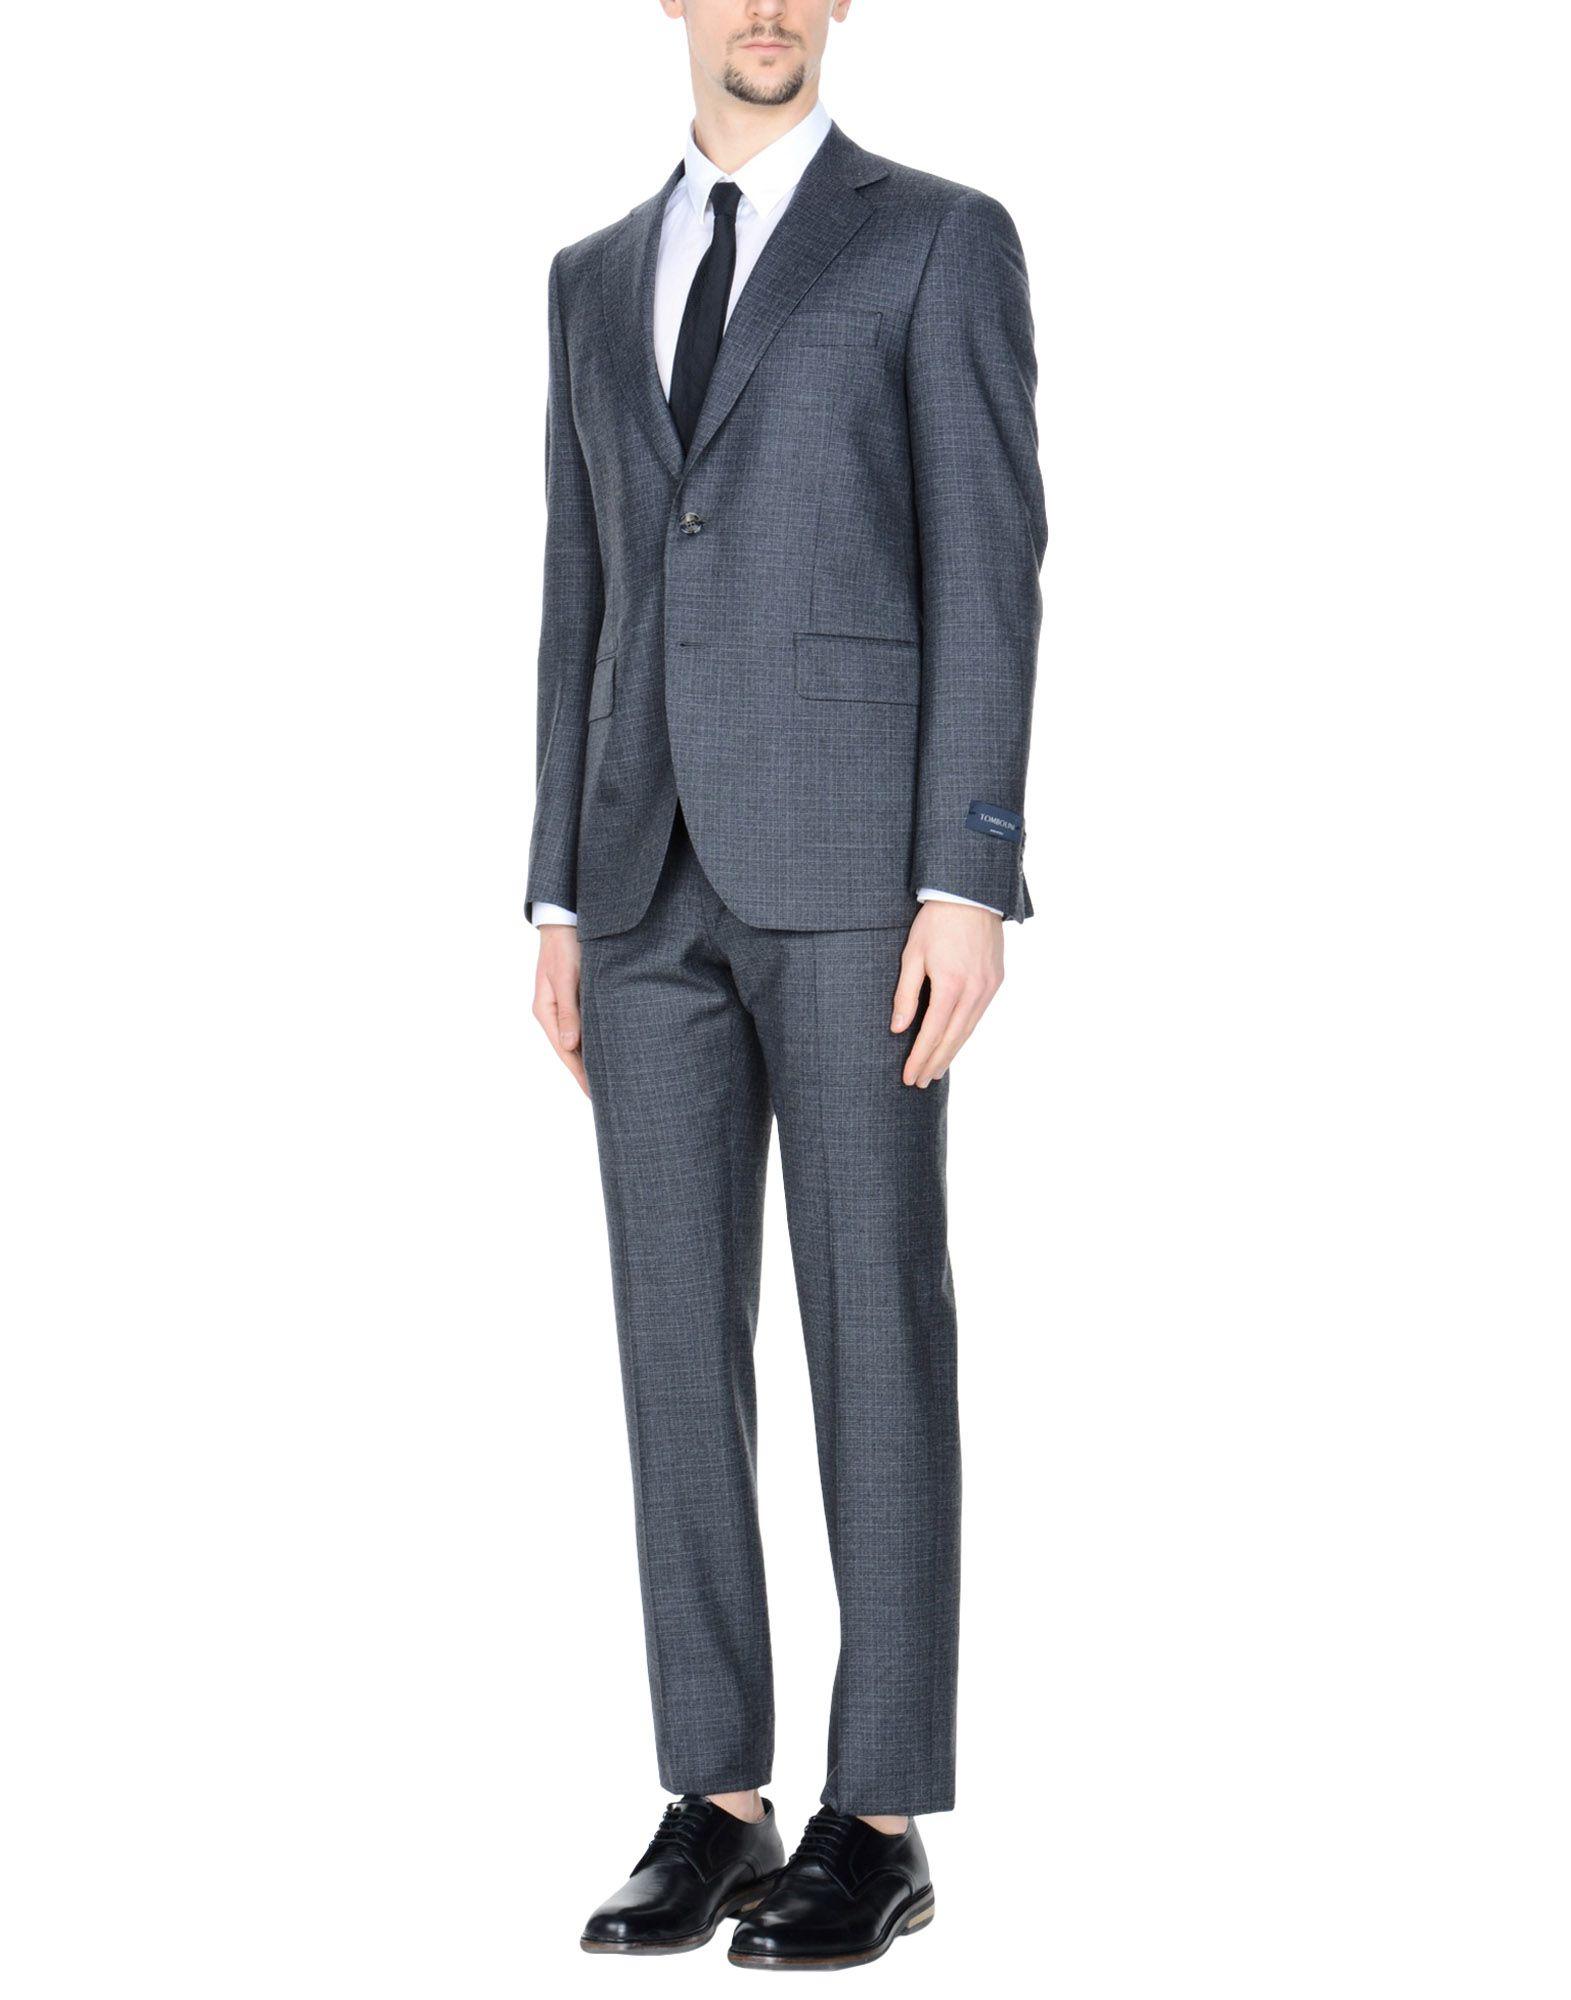 《送料無料》TOMBOLINI メンズ スーツ 鉛色 52 バージンウール 100%